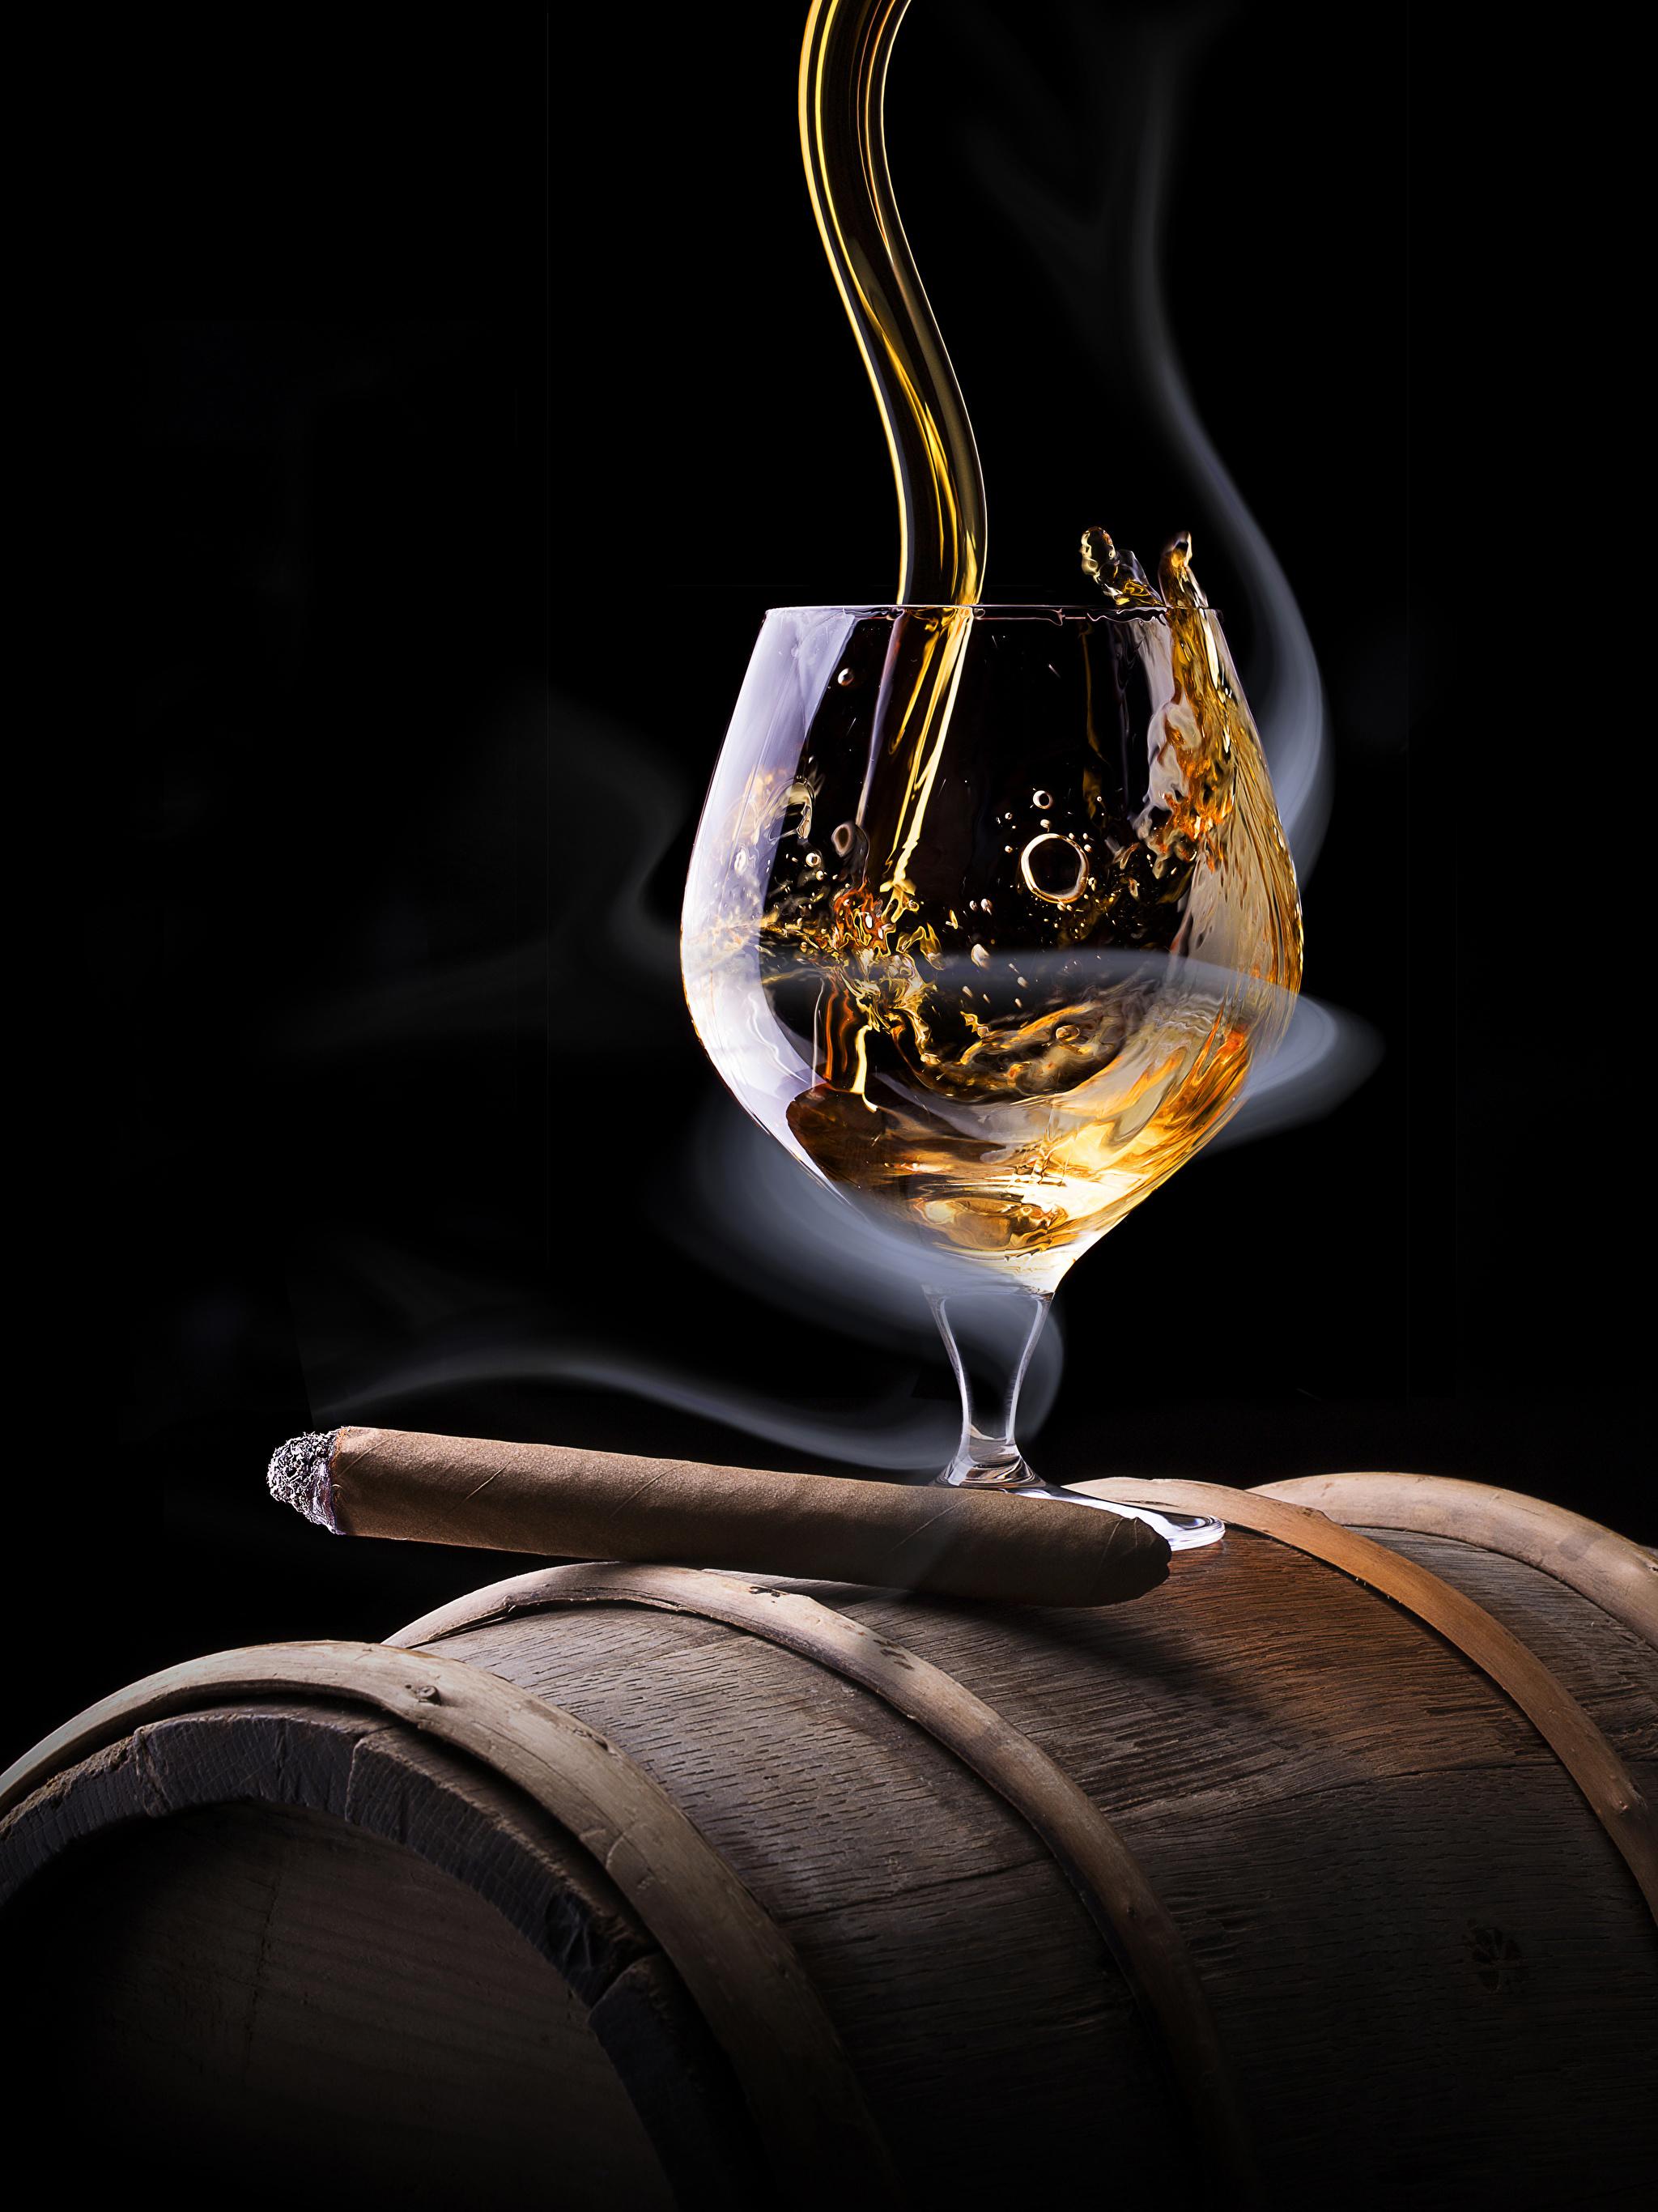 Фотографии Сигара Алкогольные напитки Виски Дым Пища Бокалы Черный фон 2048x2732 Еда Продукты питания